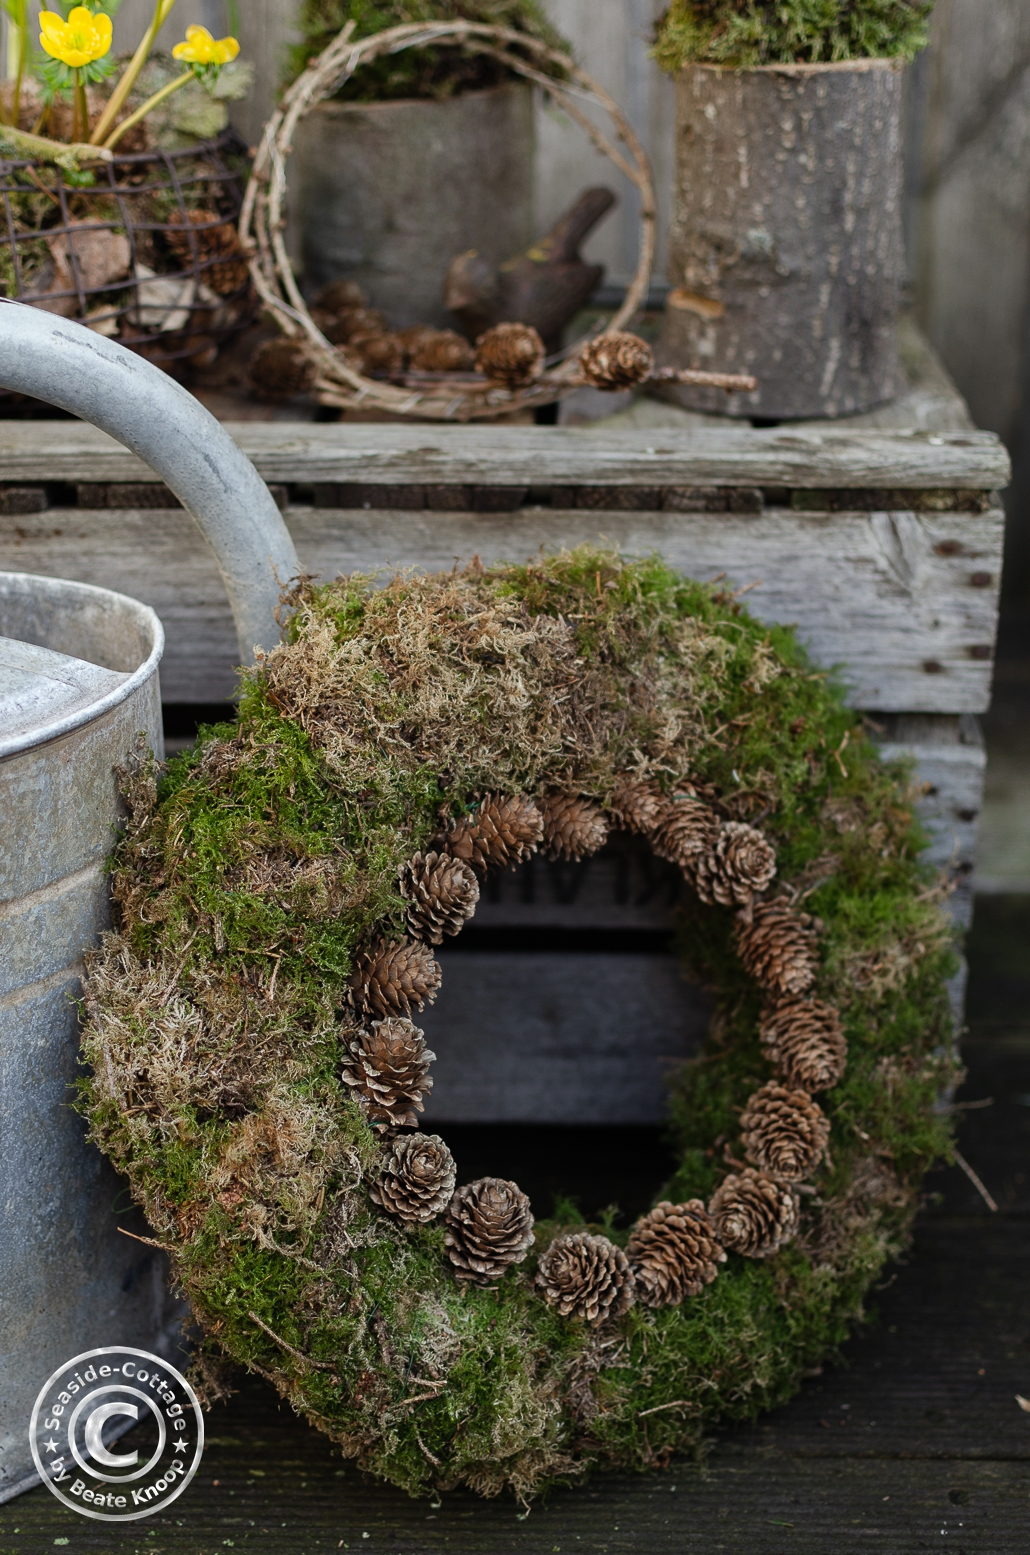 Naturnahe Gartendeko mit Mooskranz, verziert mit Lärchenzapfen, angelehnt an eine Zinkgießkanne und einer alten Holzstiege